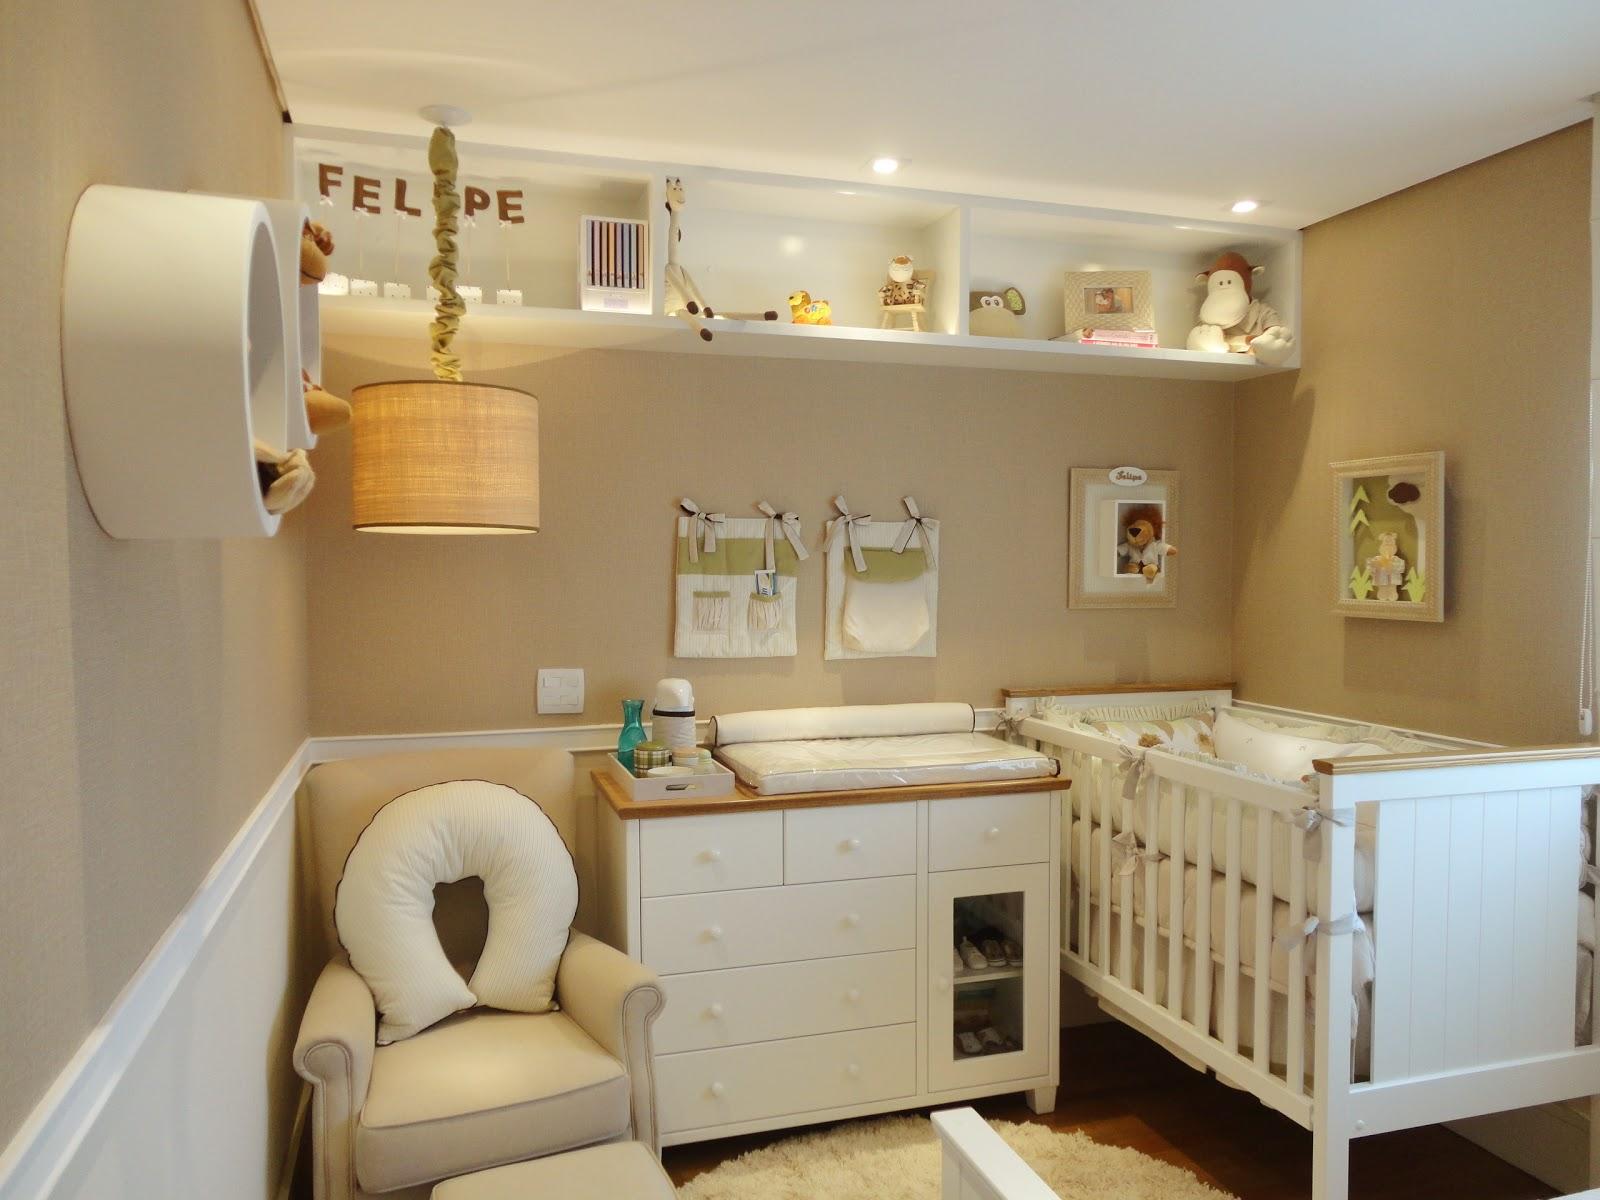 Studio Casa Mix: Projeto : Quarto de bebê !!! #9A6F31 1600x1200 Banheiro Amarelo Decorado